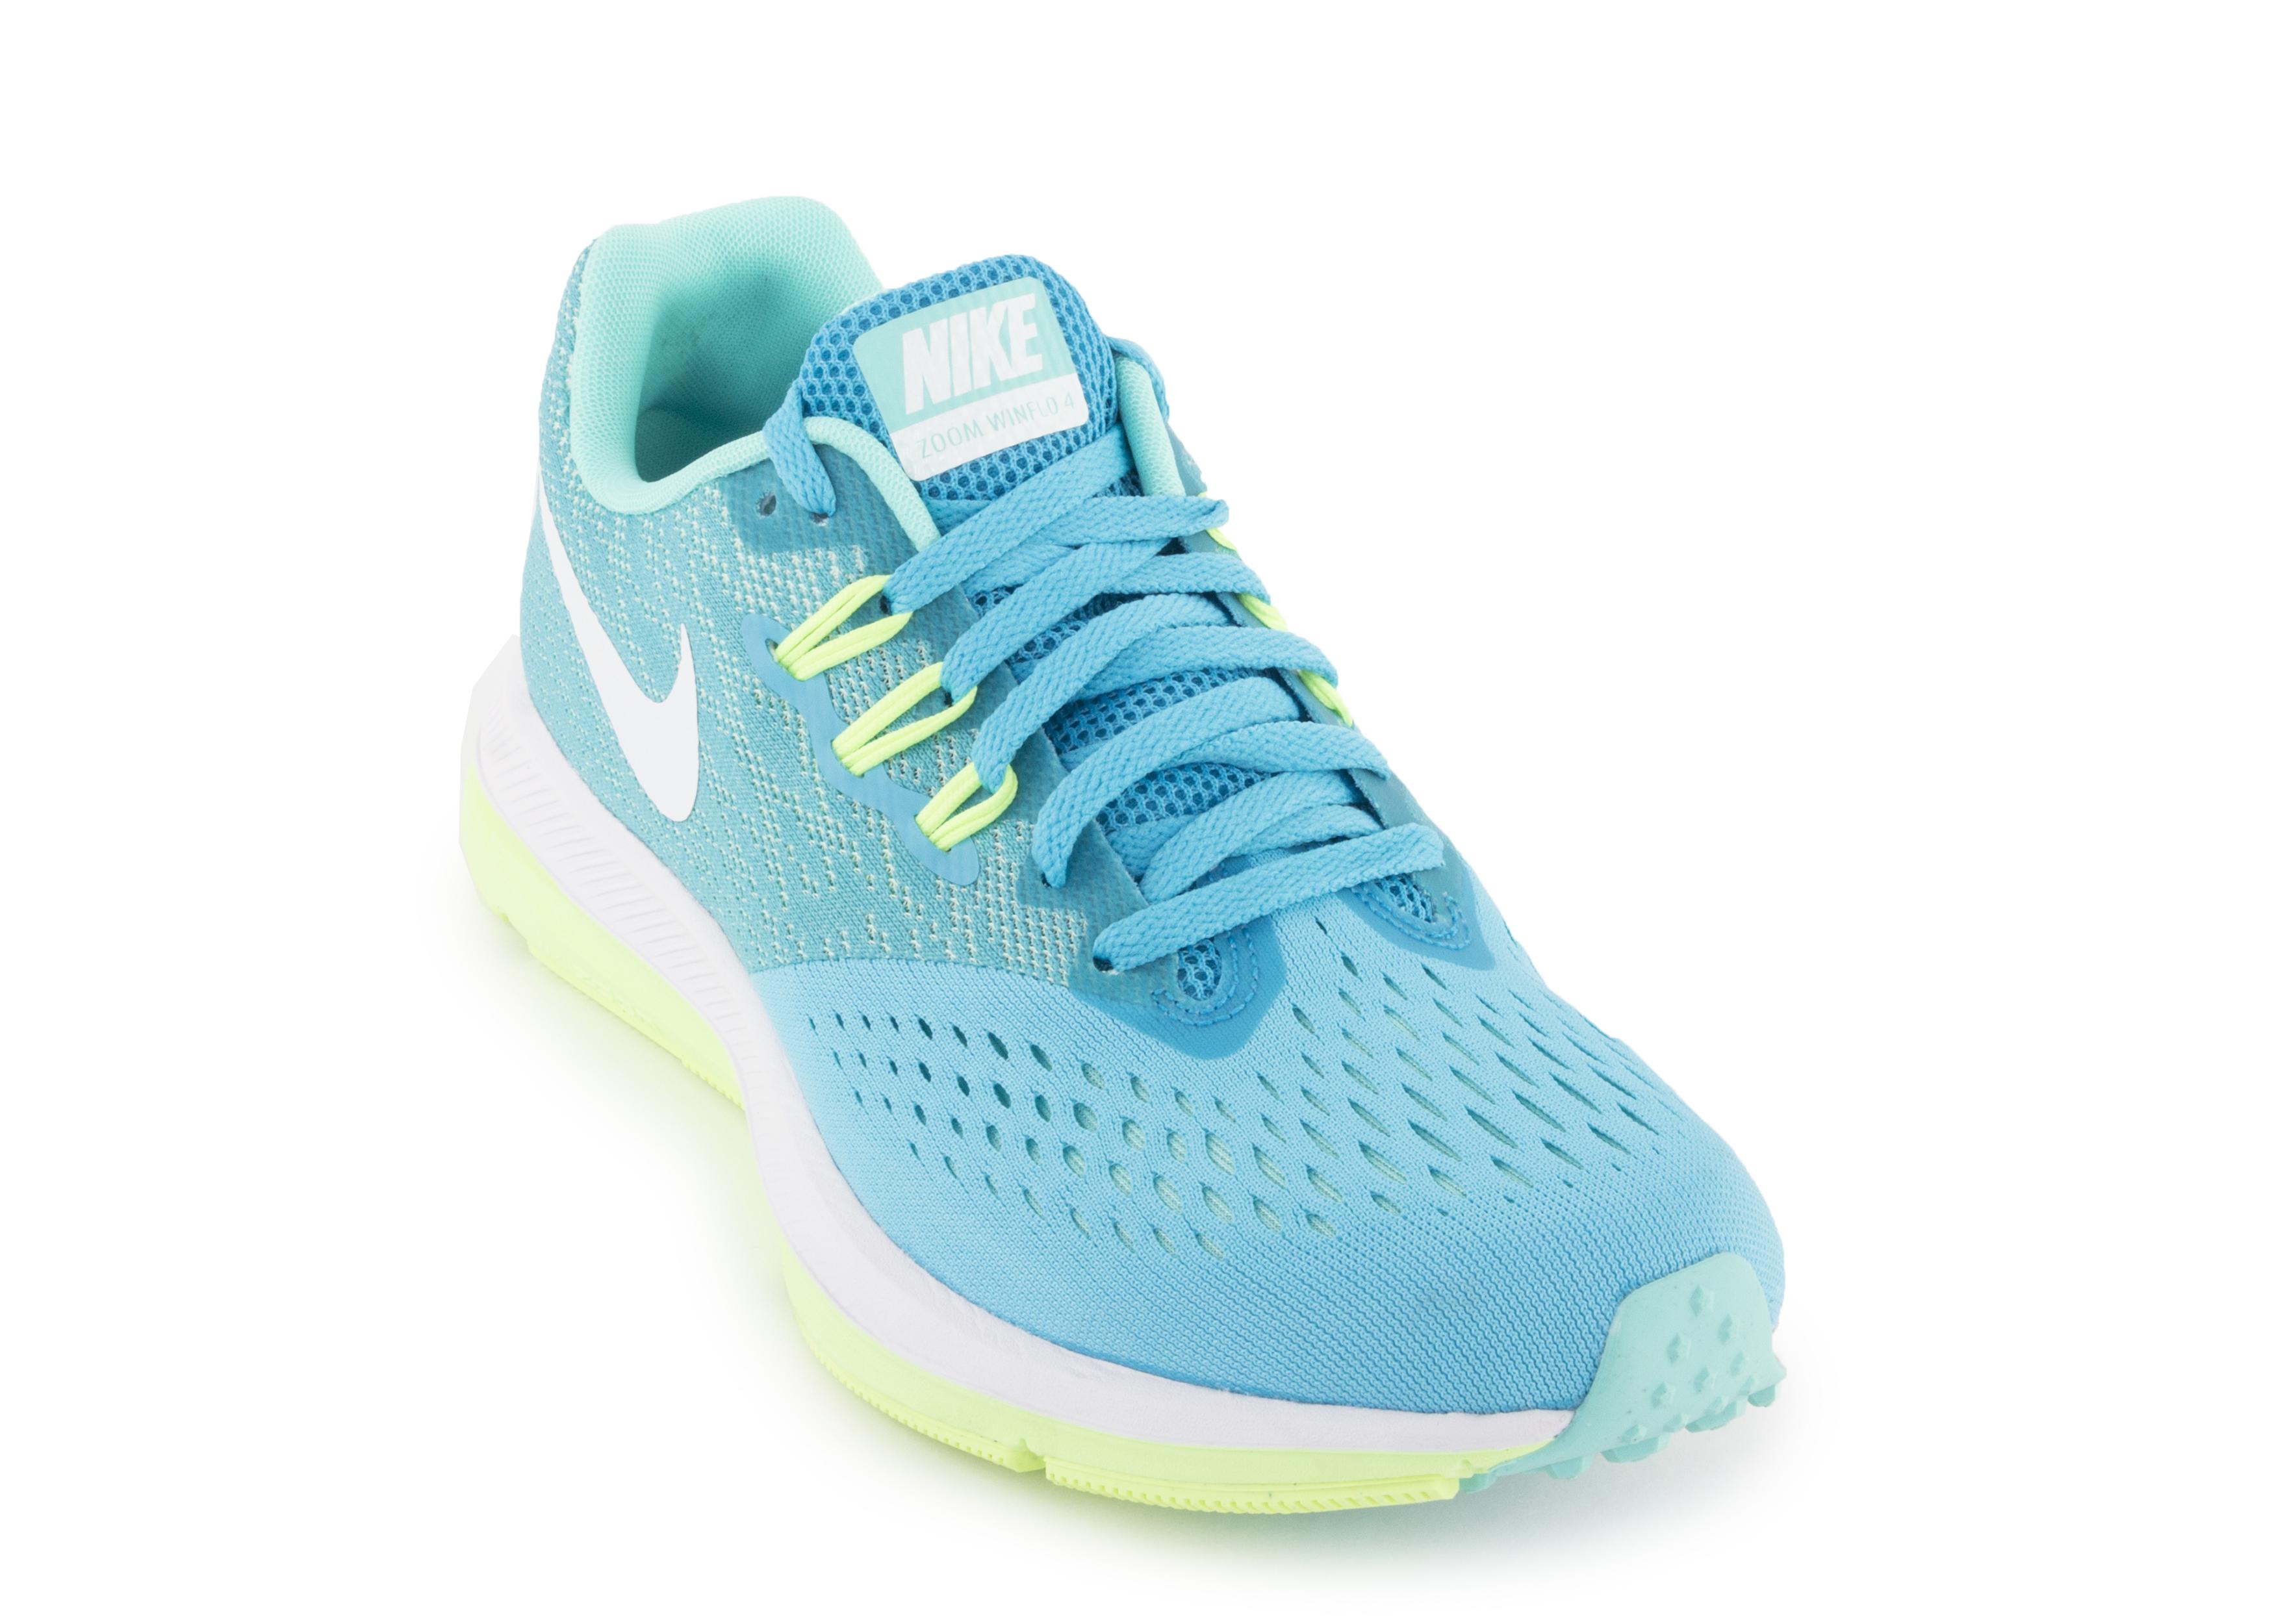 ce3f30d0 Кроссовки женские Nike Zoom Winflo 4 - Сеть спортивных магазинов Чемпион